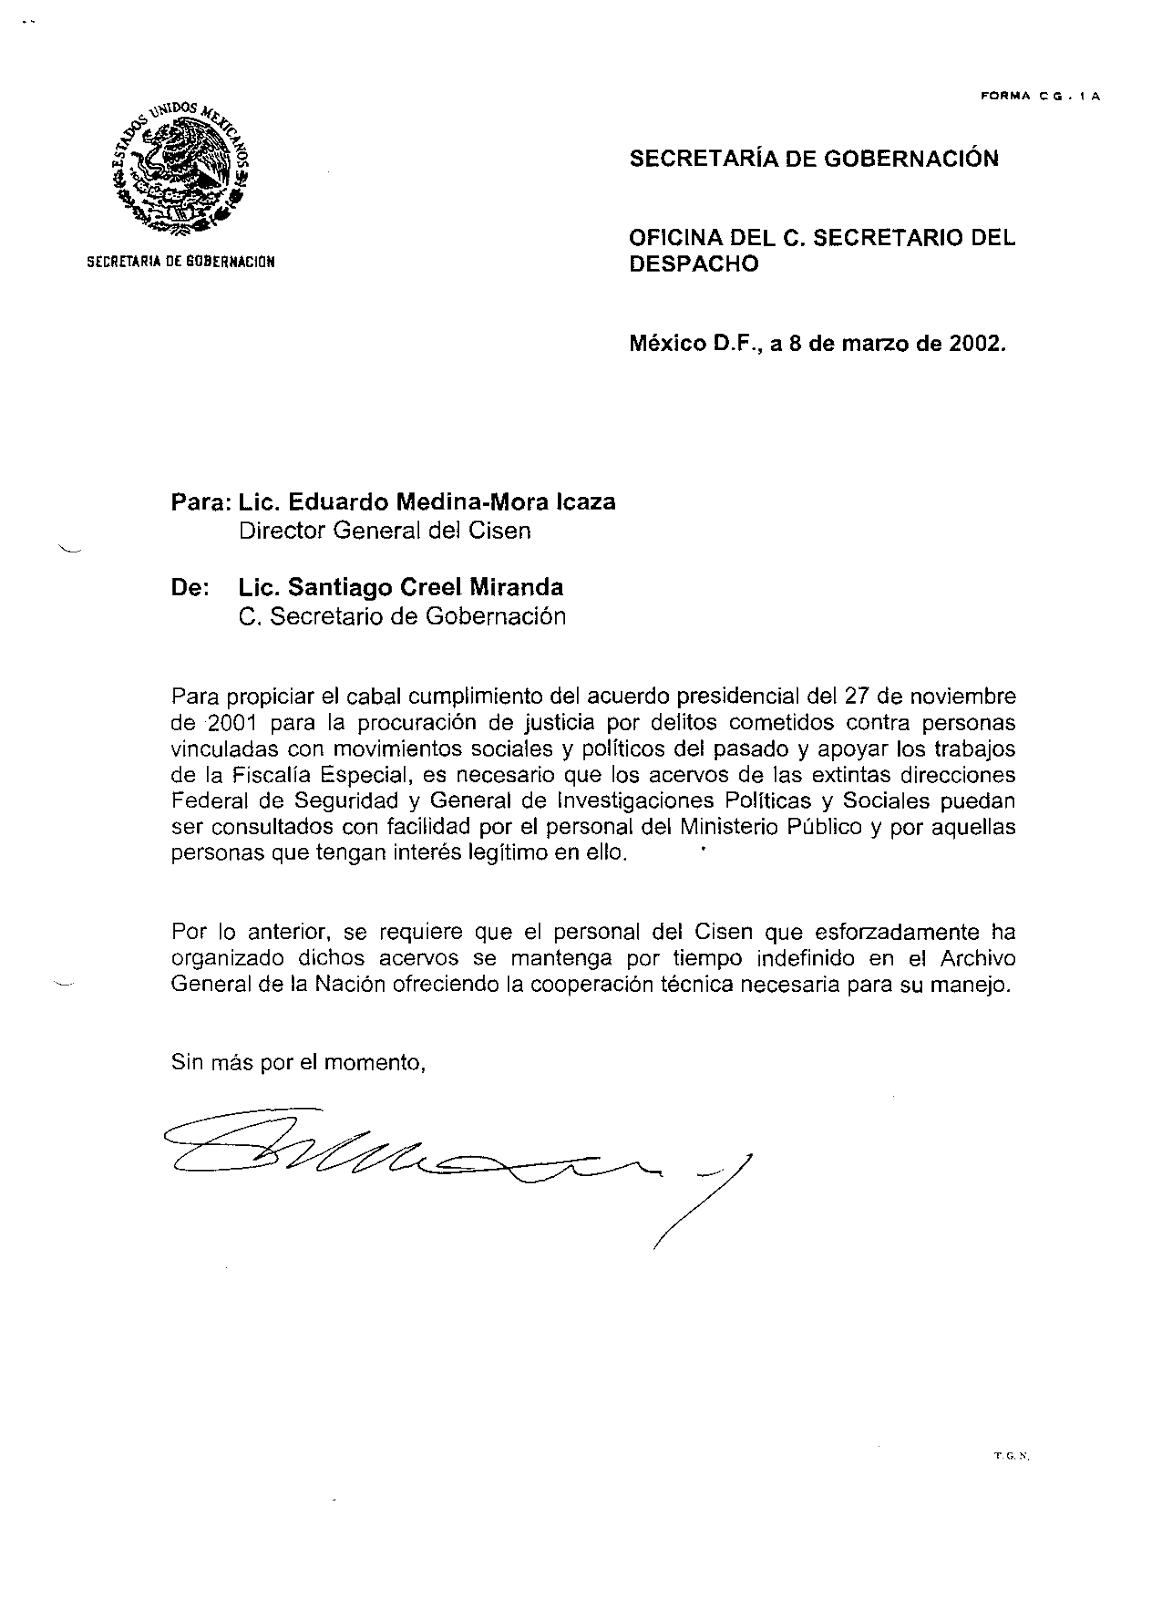 Conte biancamano 01 18 08 for Ministerio de gobernacion